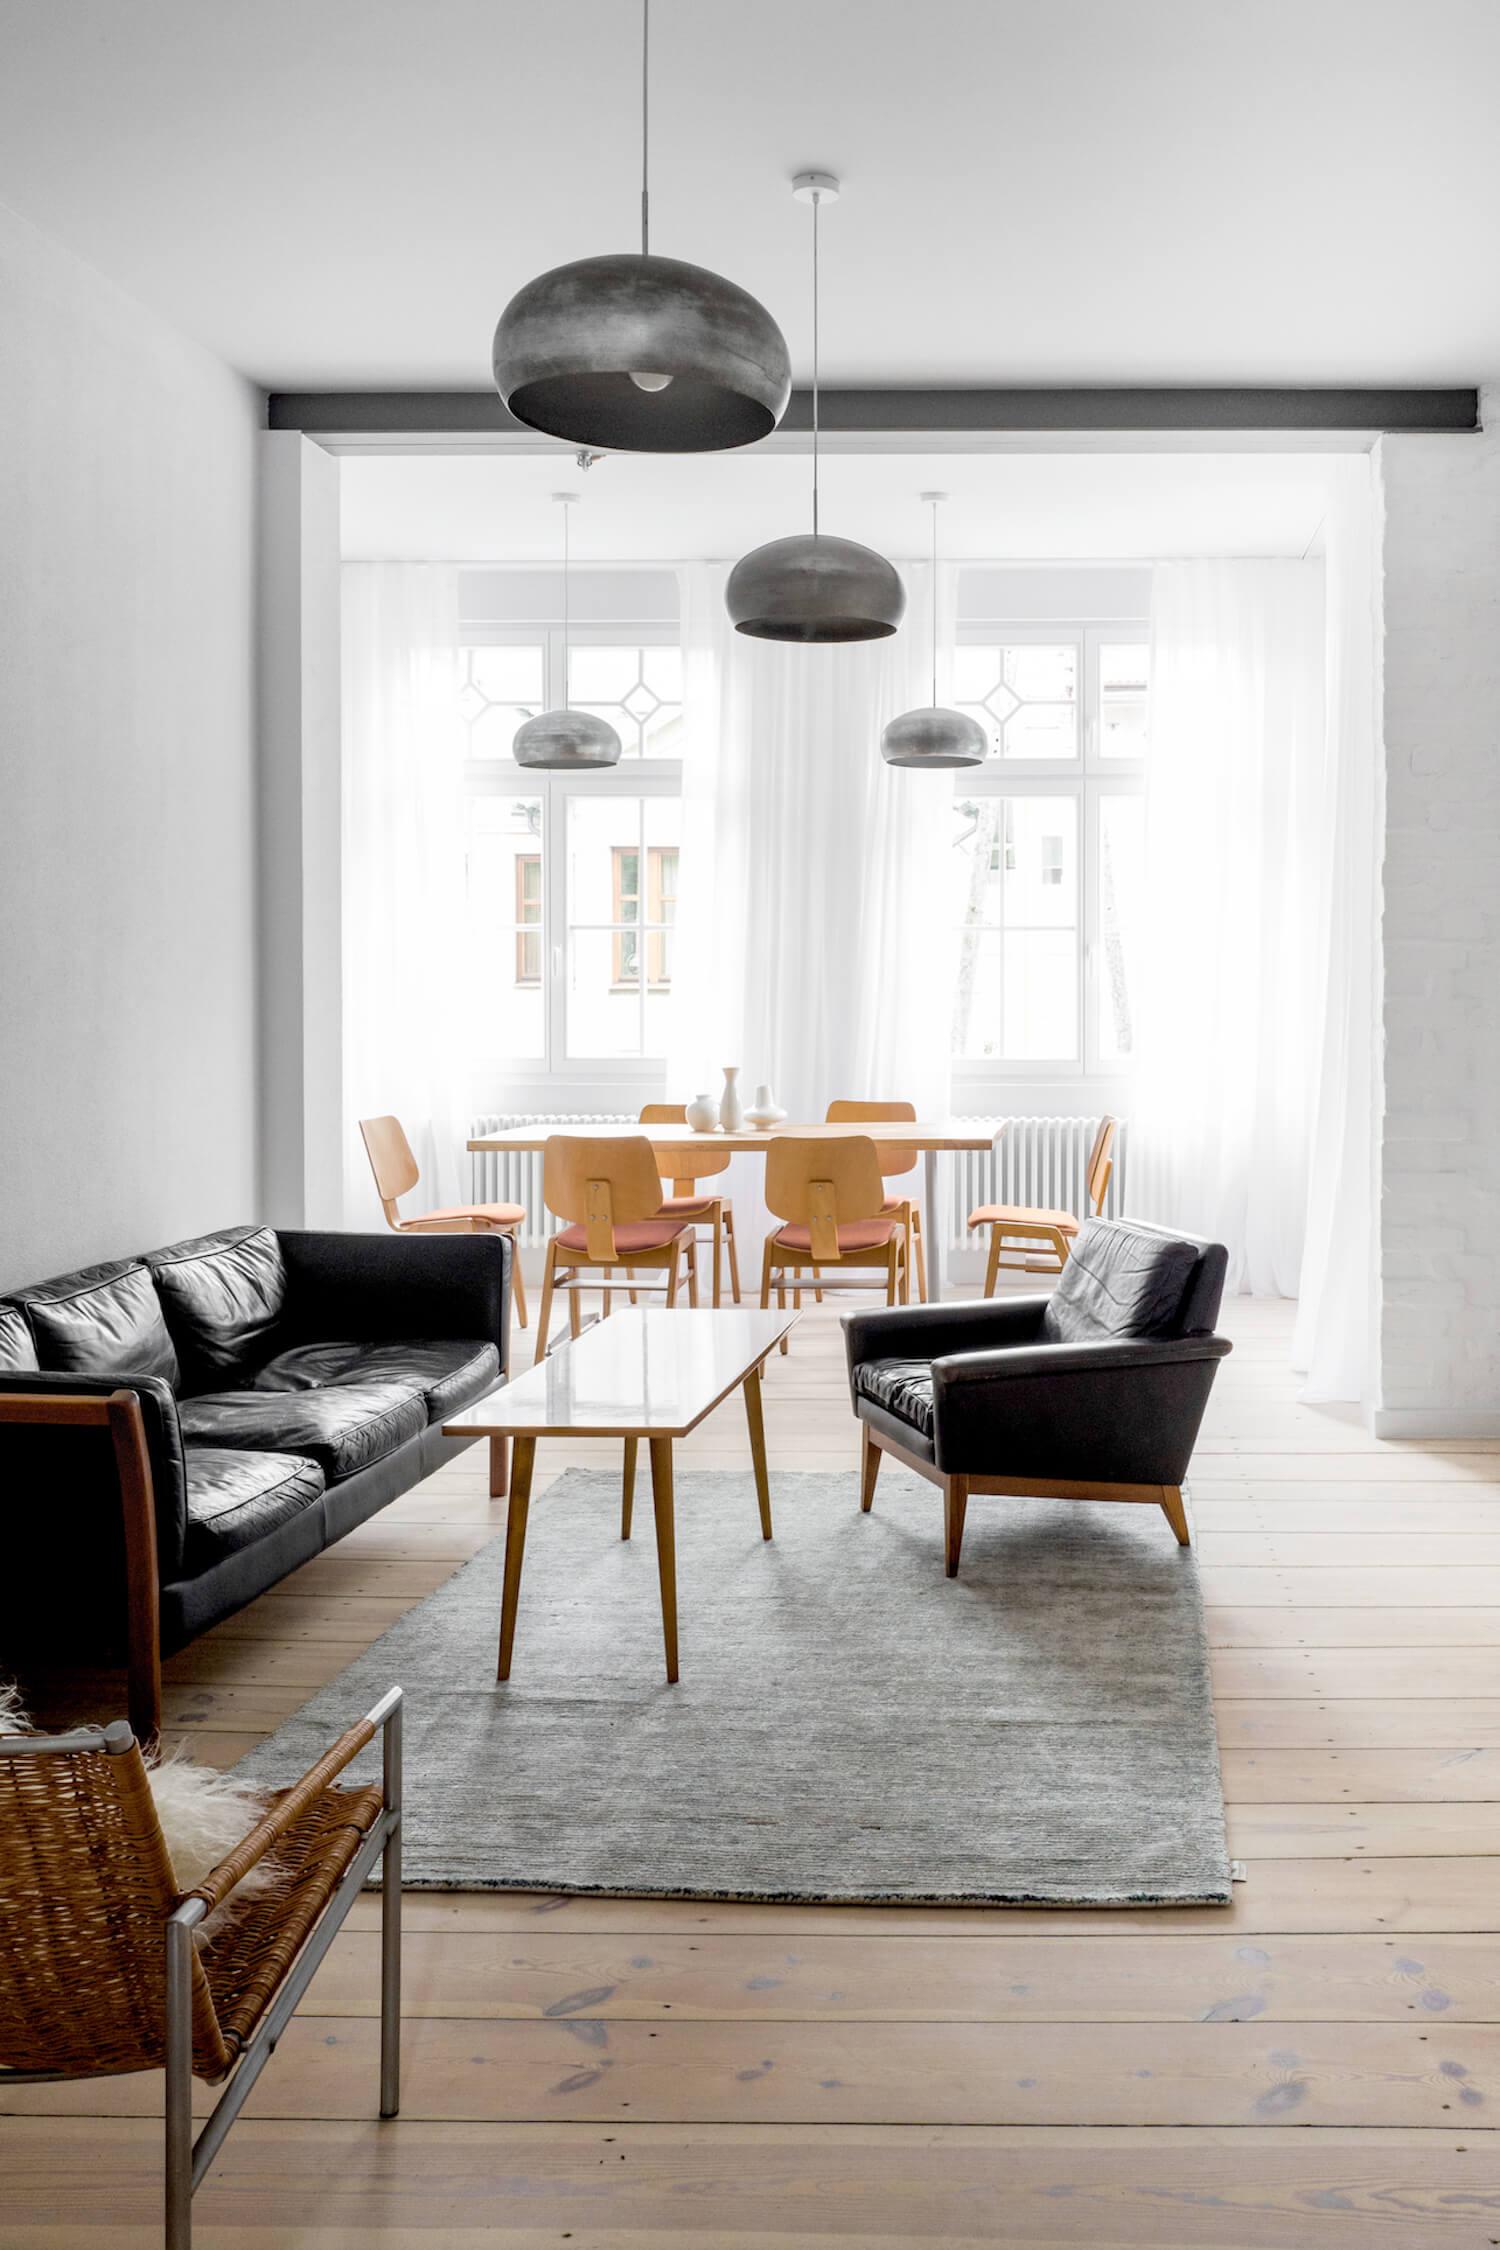 Der Parkettboden Hat Es Mir Besonders Angetan Und Auch Die Holzstühle Im  Esszimmer Sind Wirklich Ganz Toll. Was Meint Ihr Dazu?